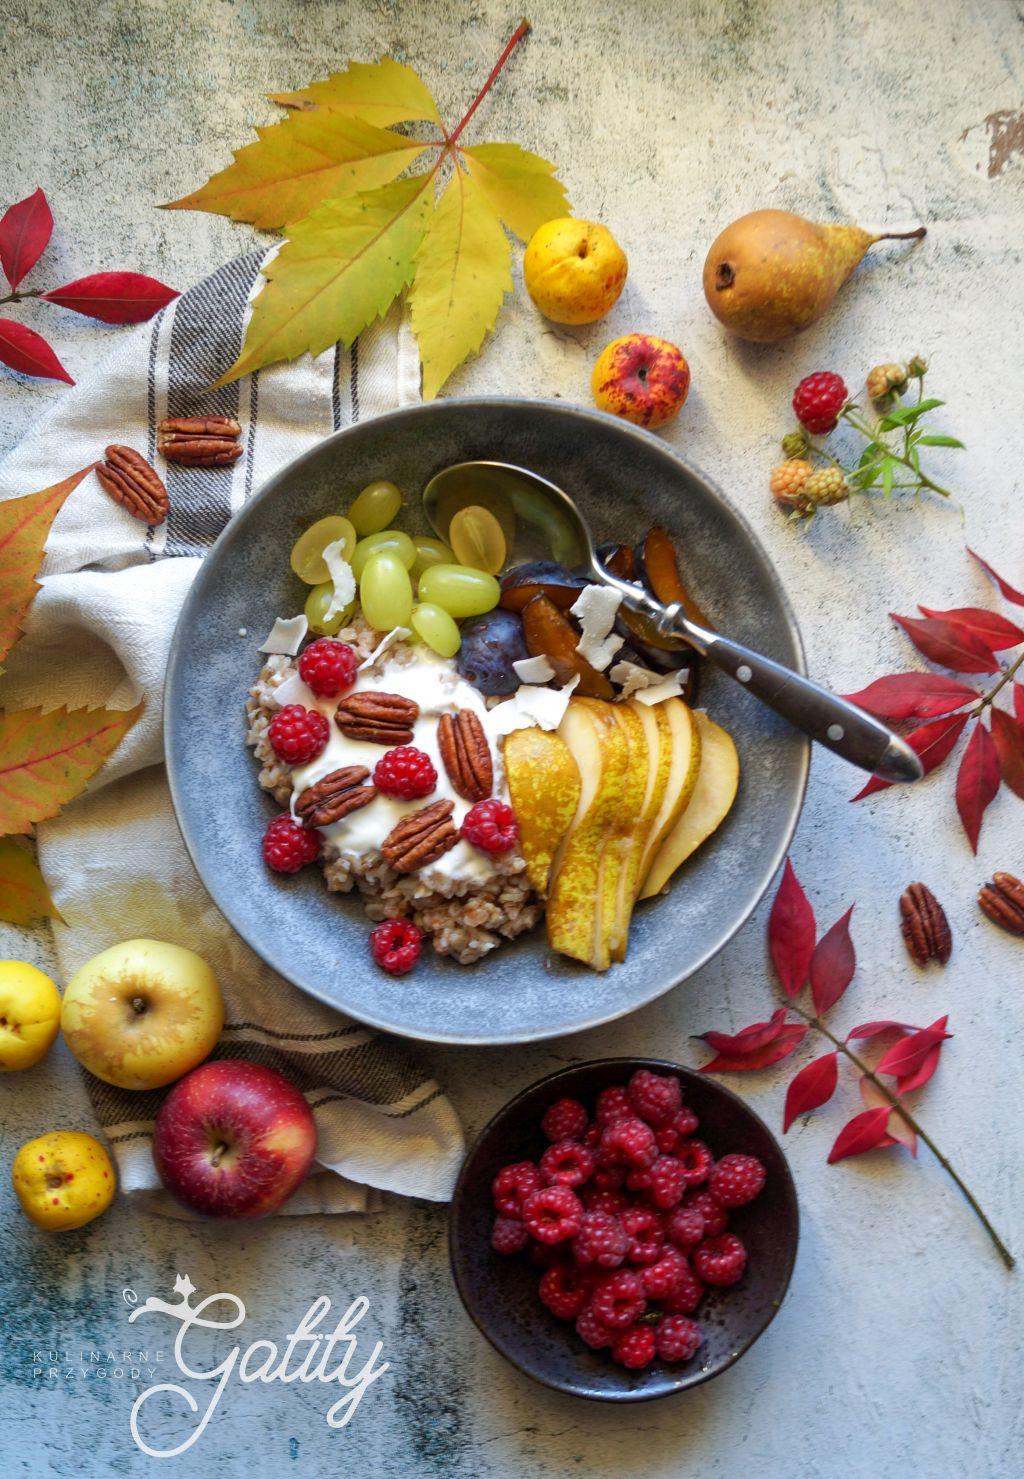 jogurt-owoce-widok-z-gory